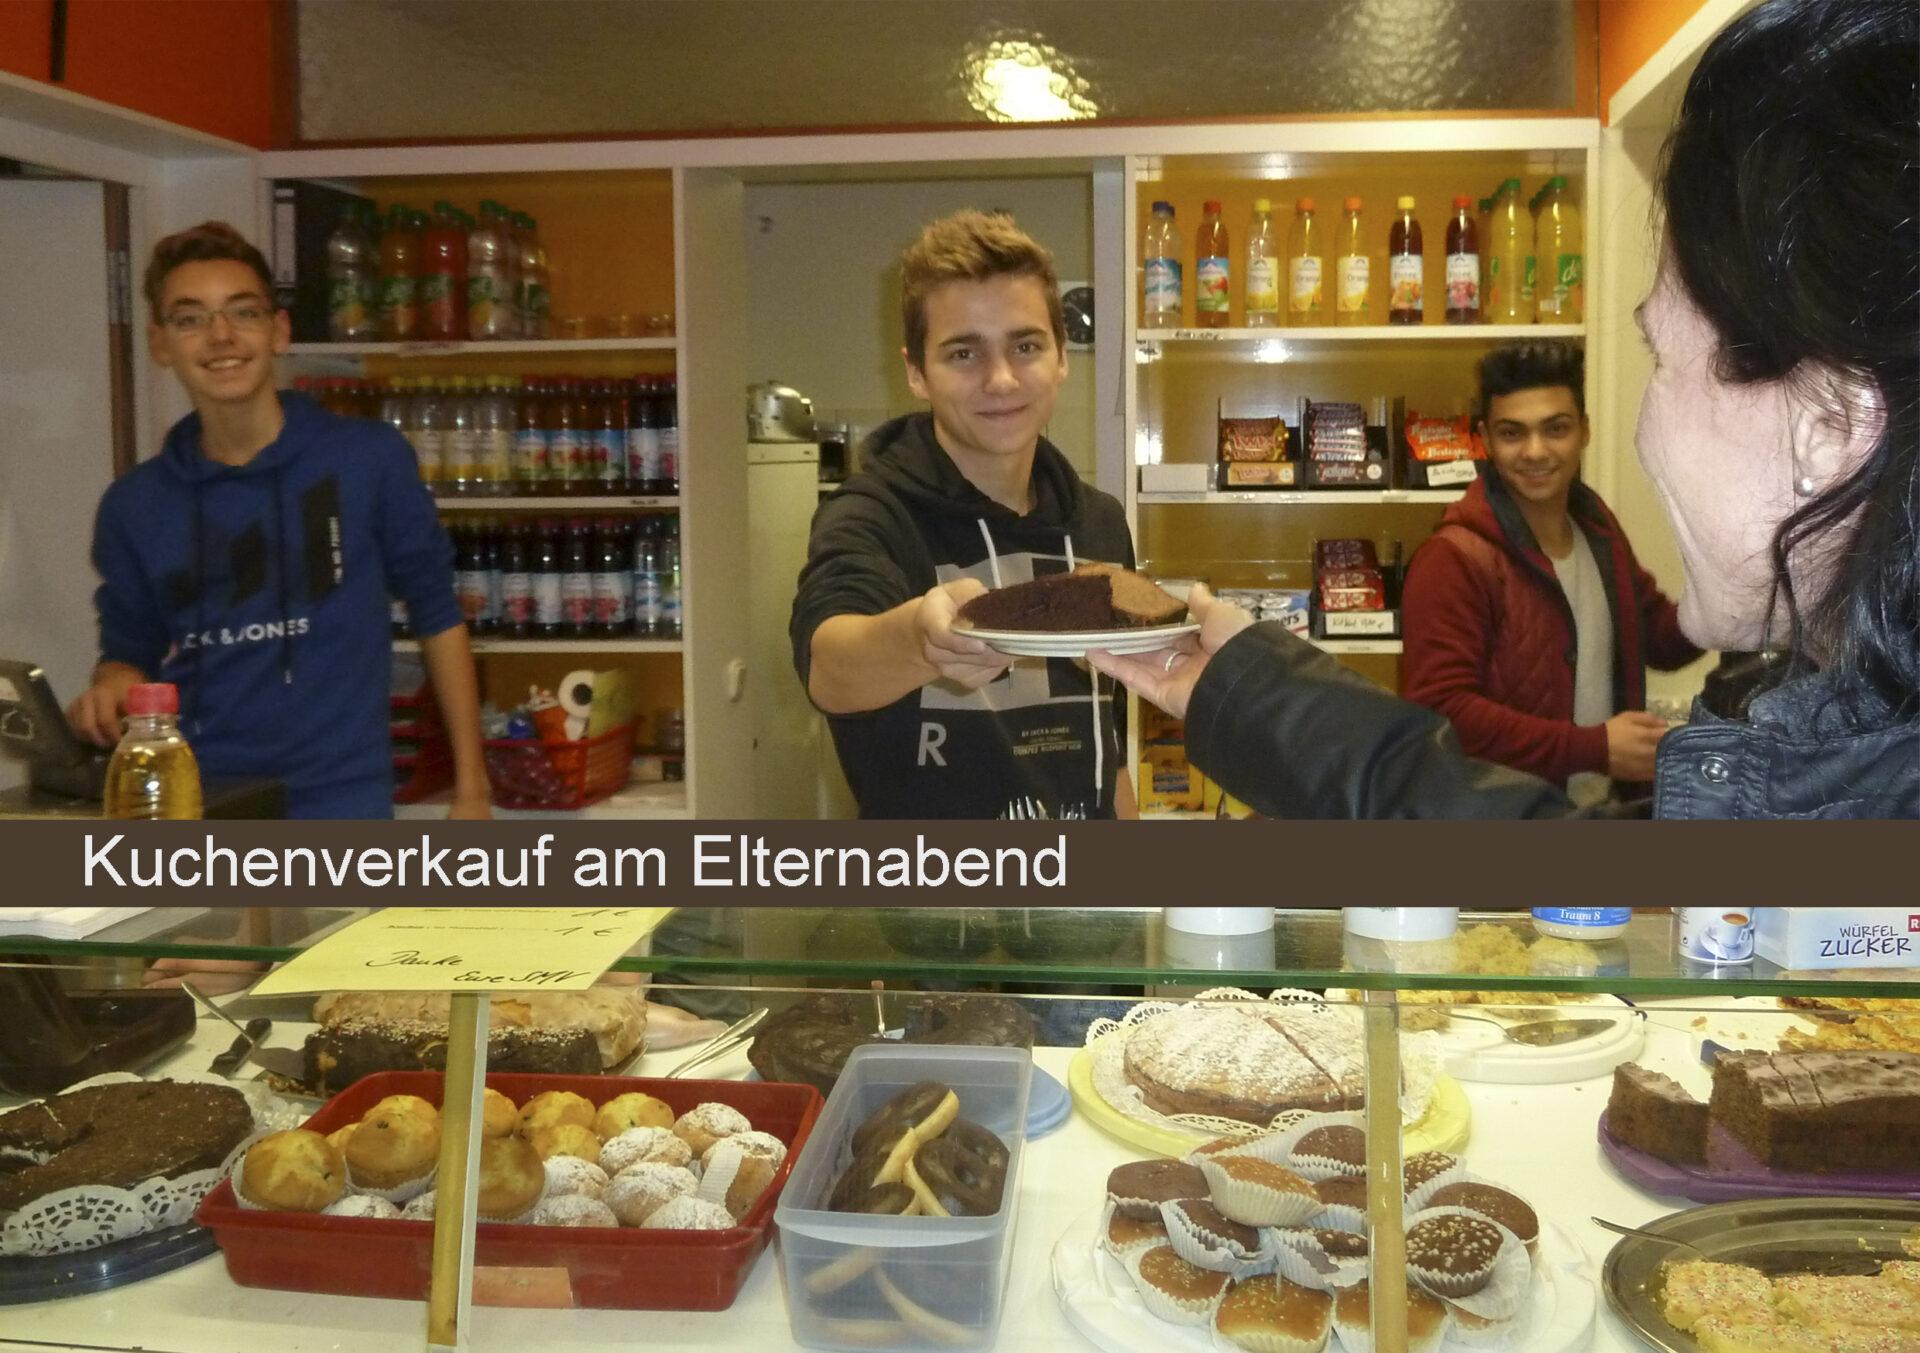 Kuchen fur kuchenverkauf in der schule – Beliebte Rezepte